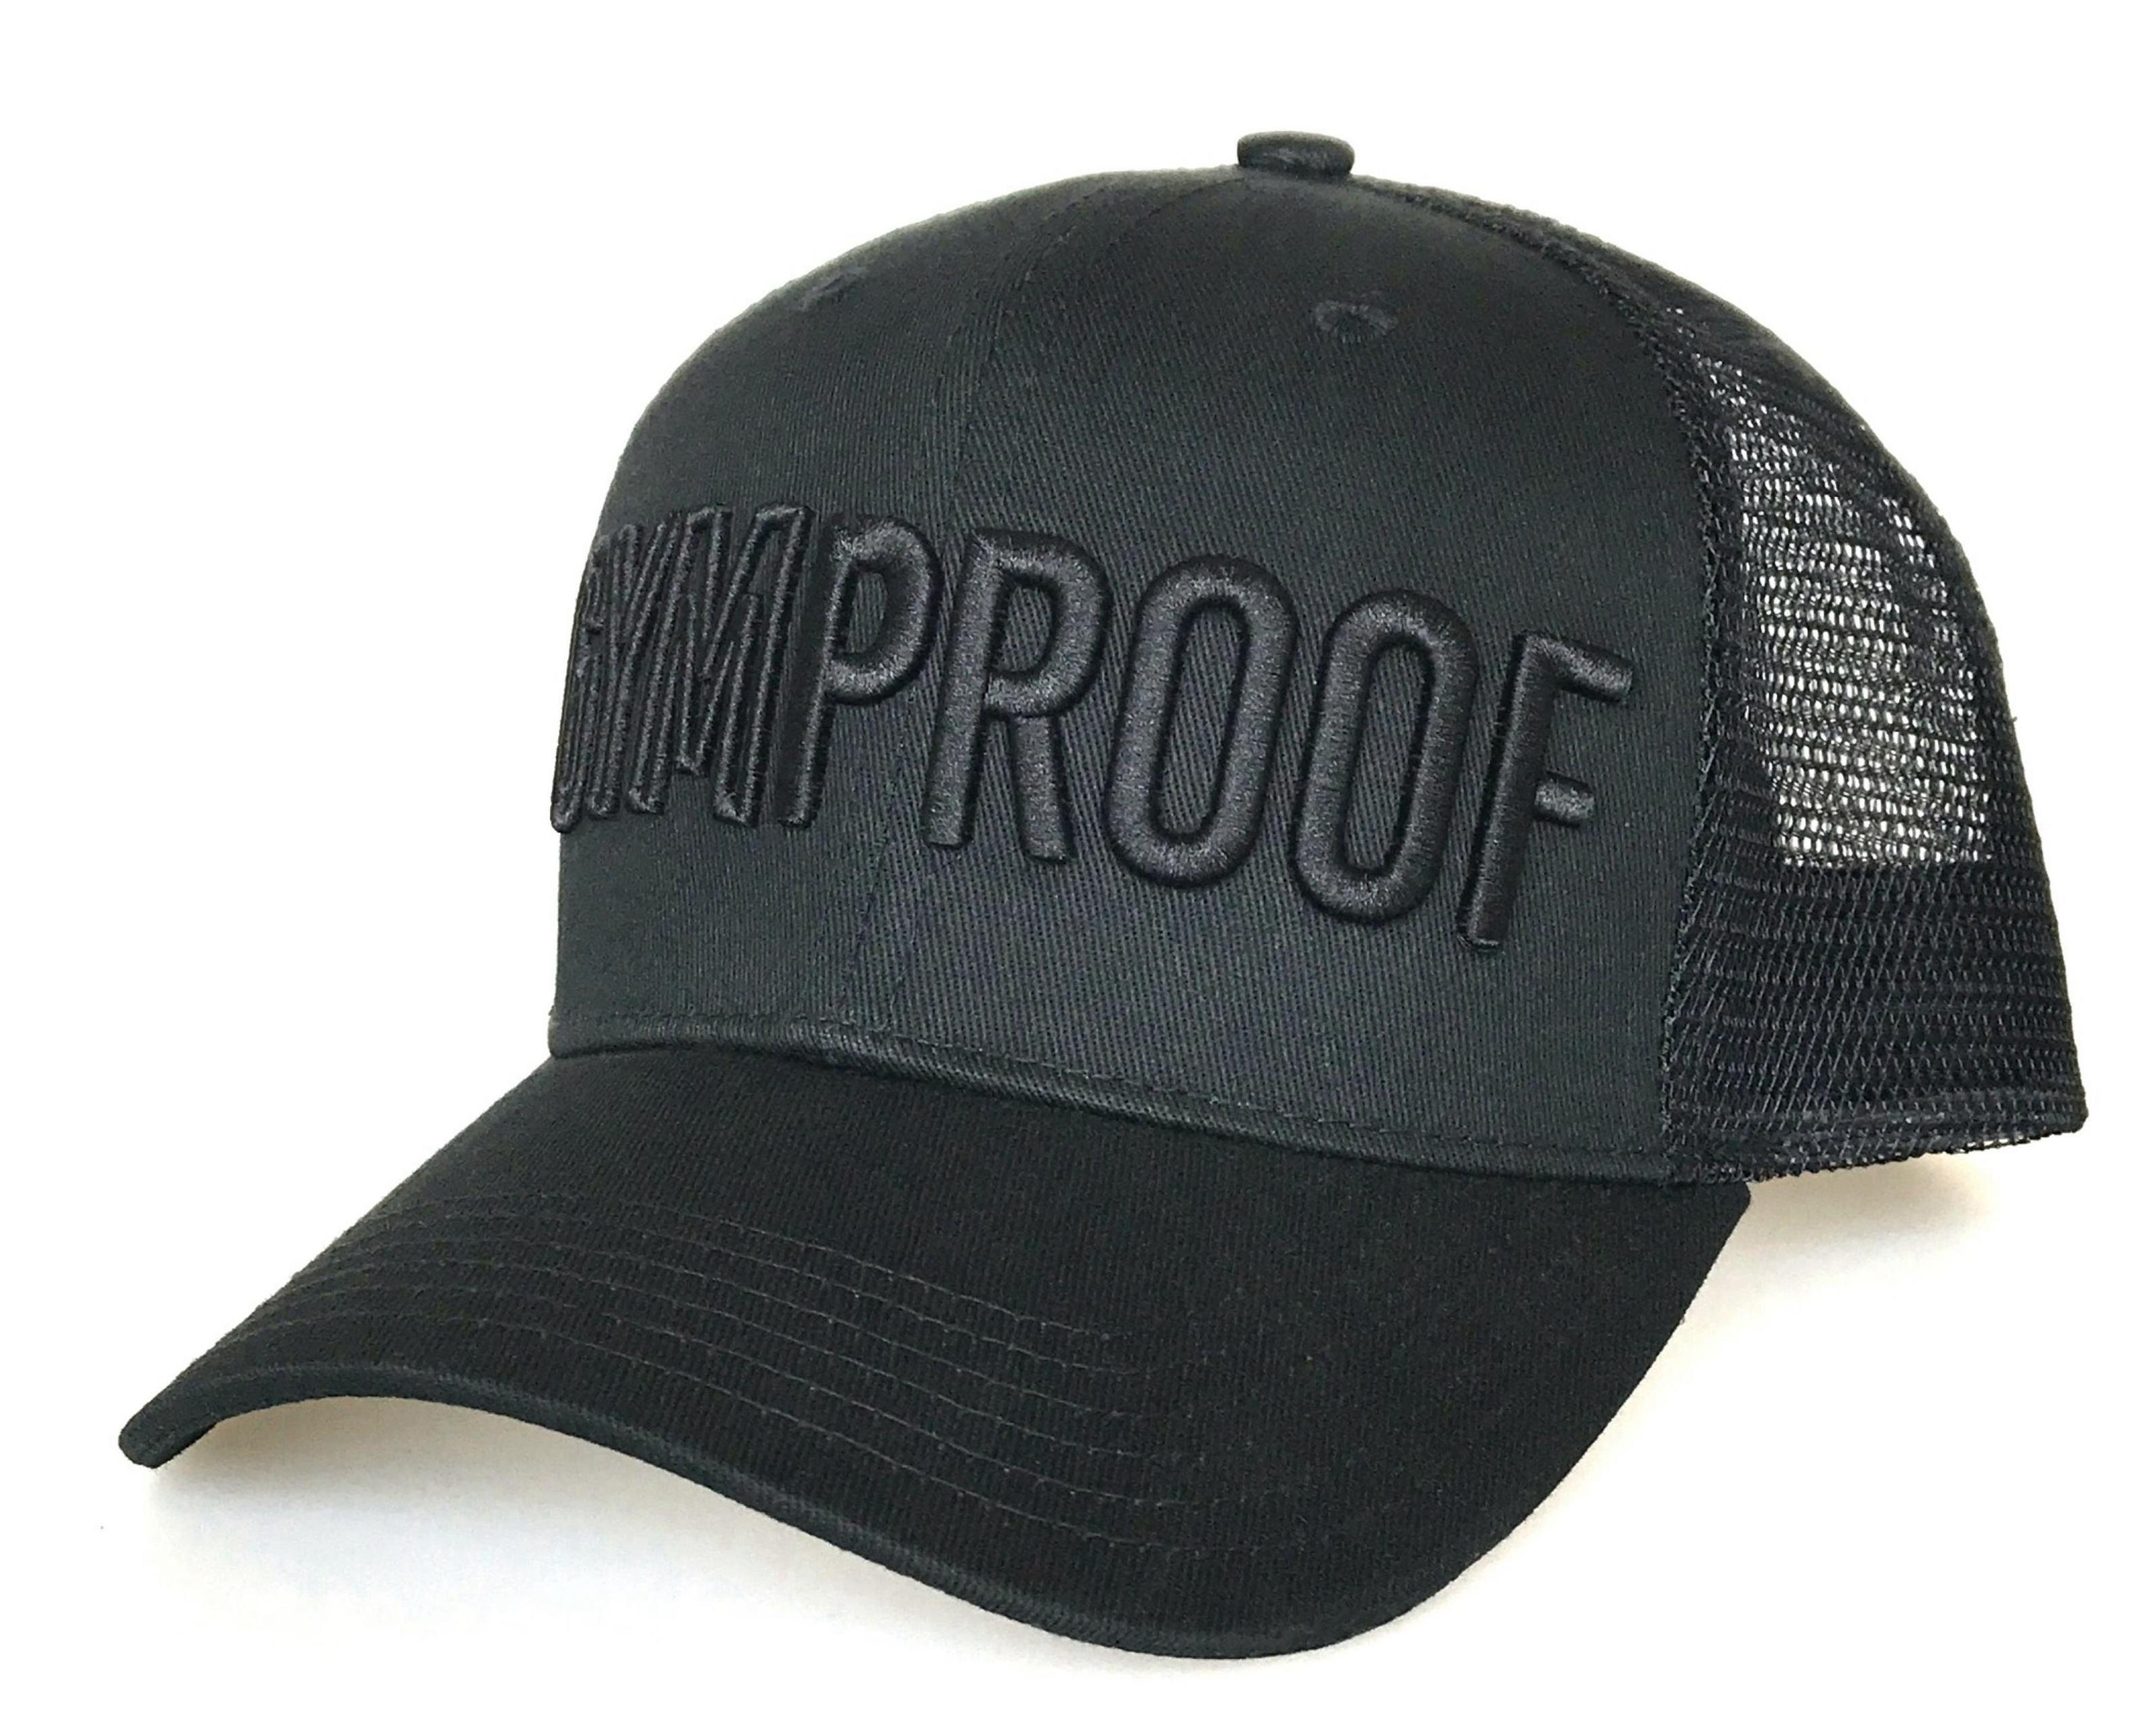 Hiphop de moda de color negro sombrero de camionero con negro 3D logotipo bordado sombrero de malla